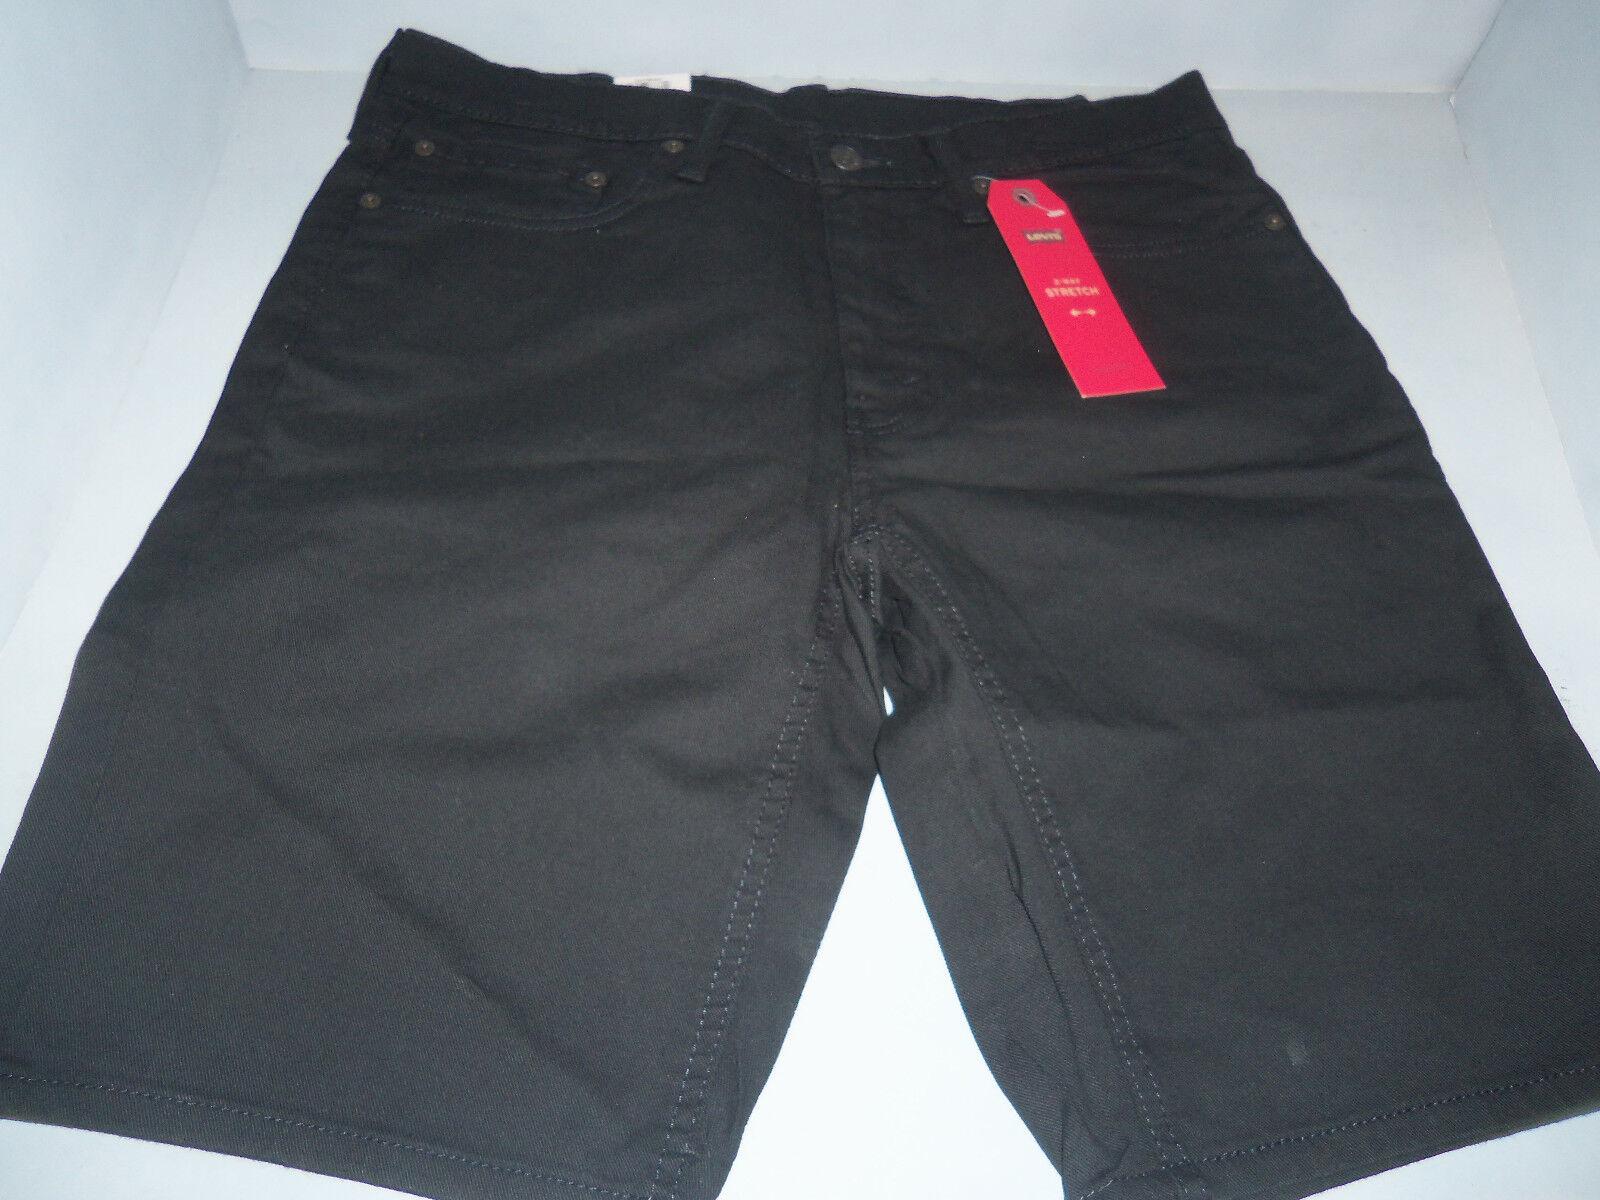 Levi's 541 Men's Athletic Fit Jeans Shorts Cotton Black- Jet